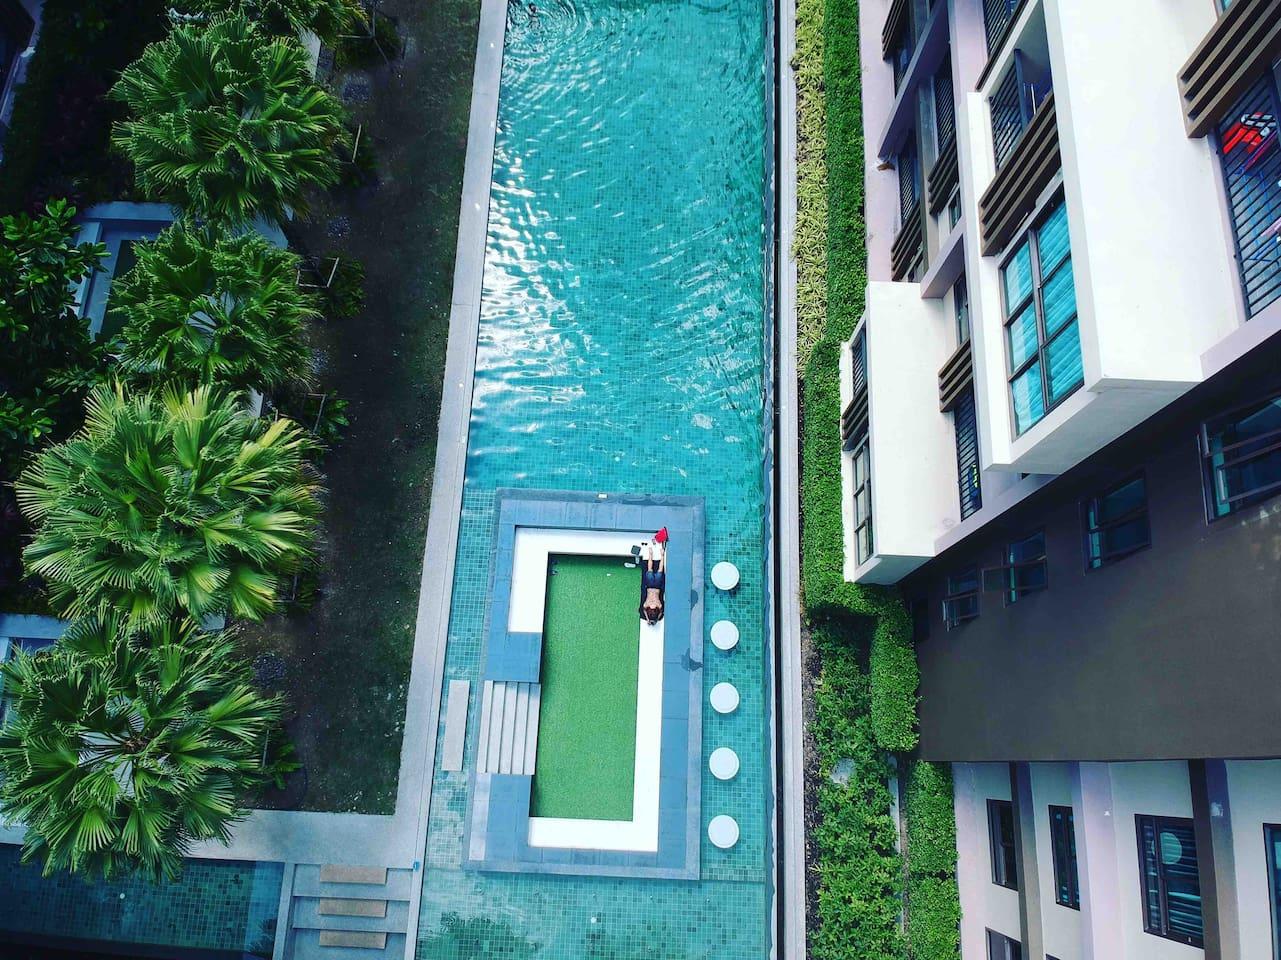 小区的超大泳池,有儿童区和成人区